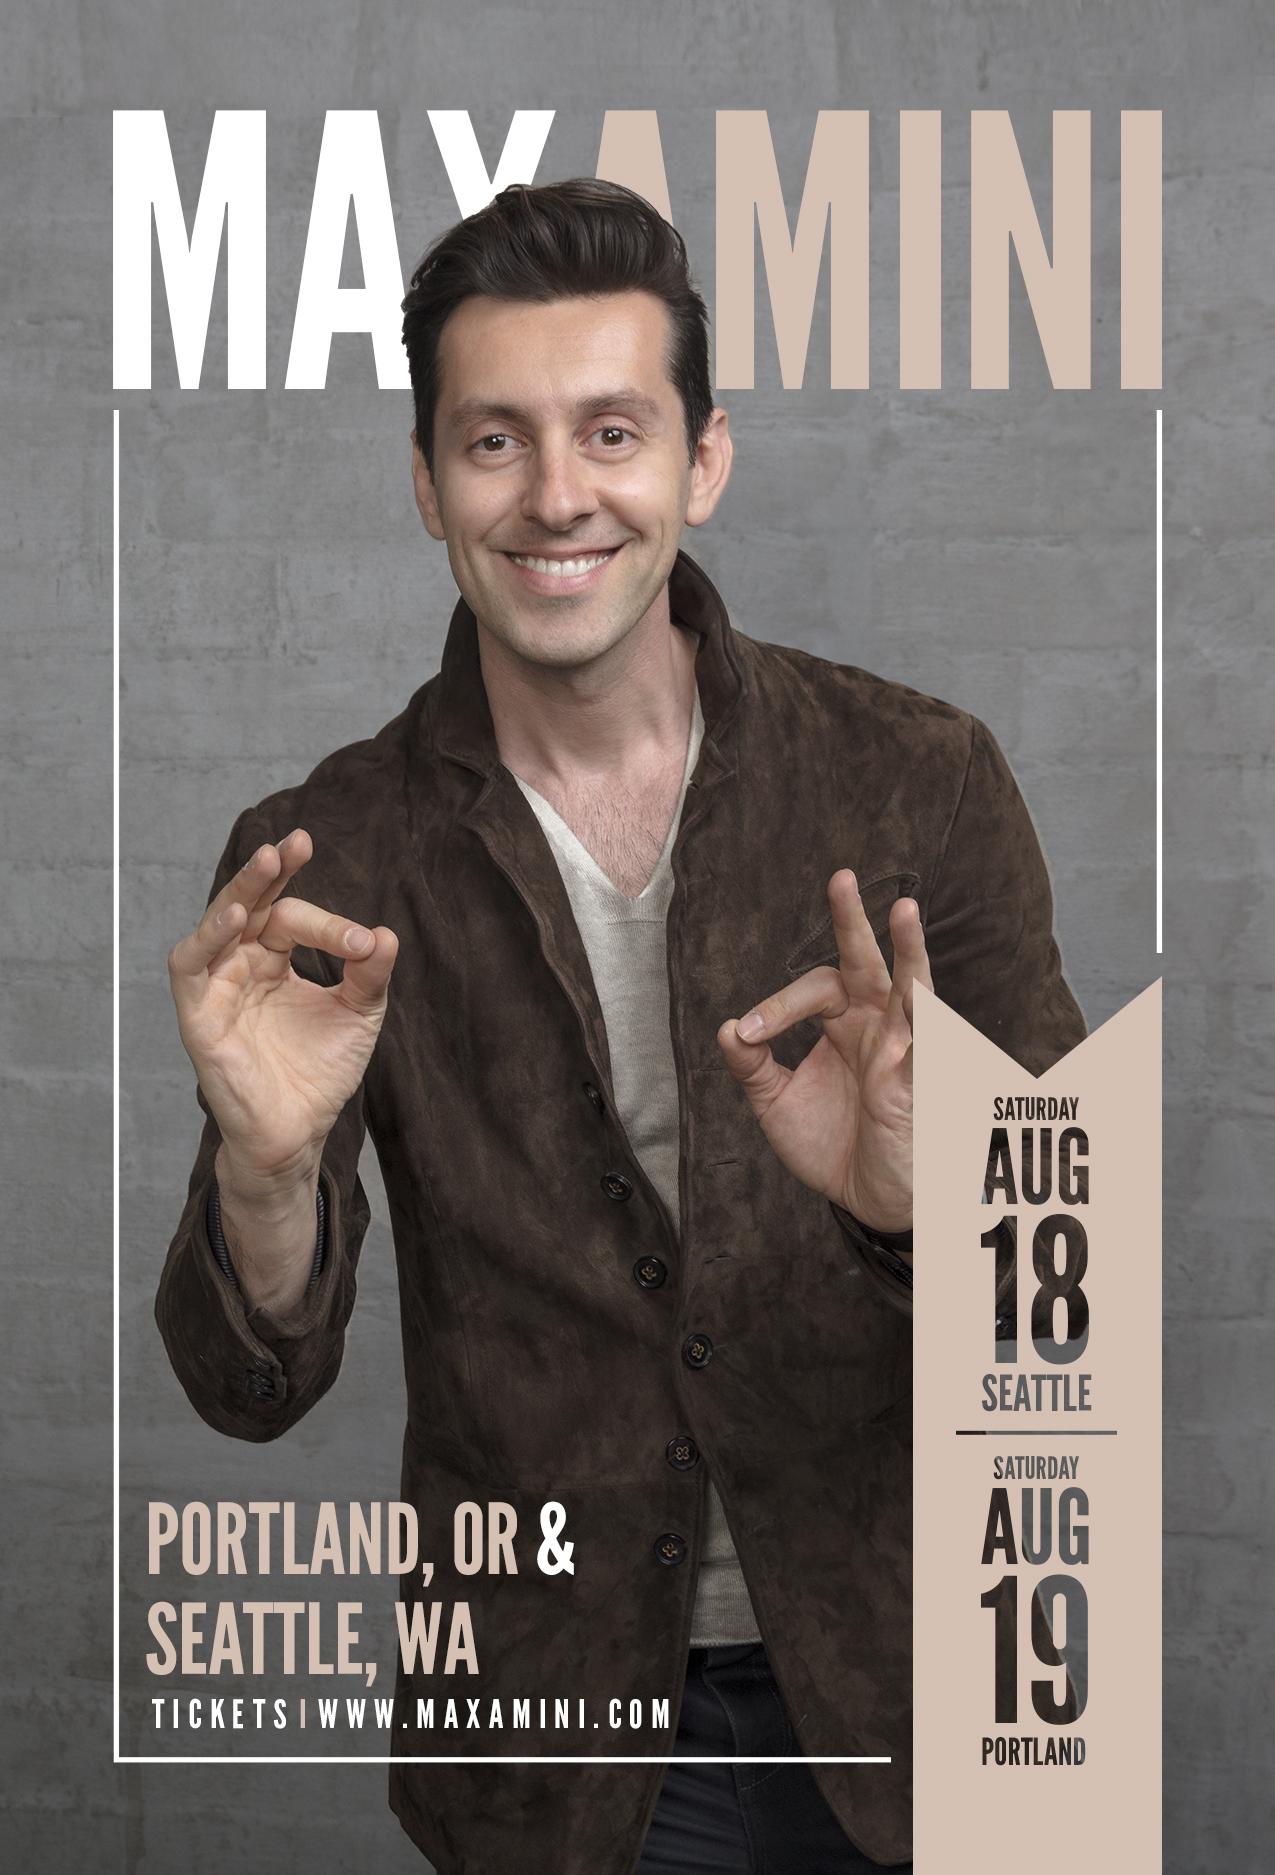 Portland_Seattle_4x6.jpg